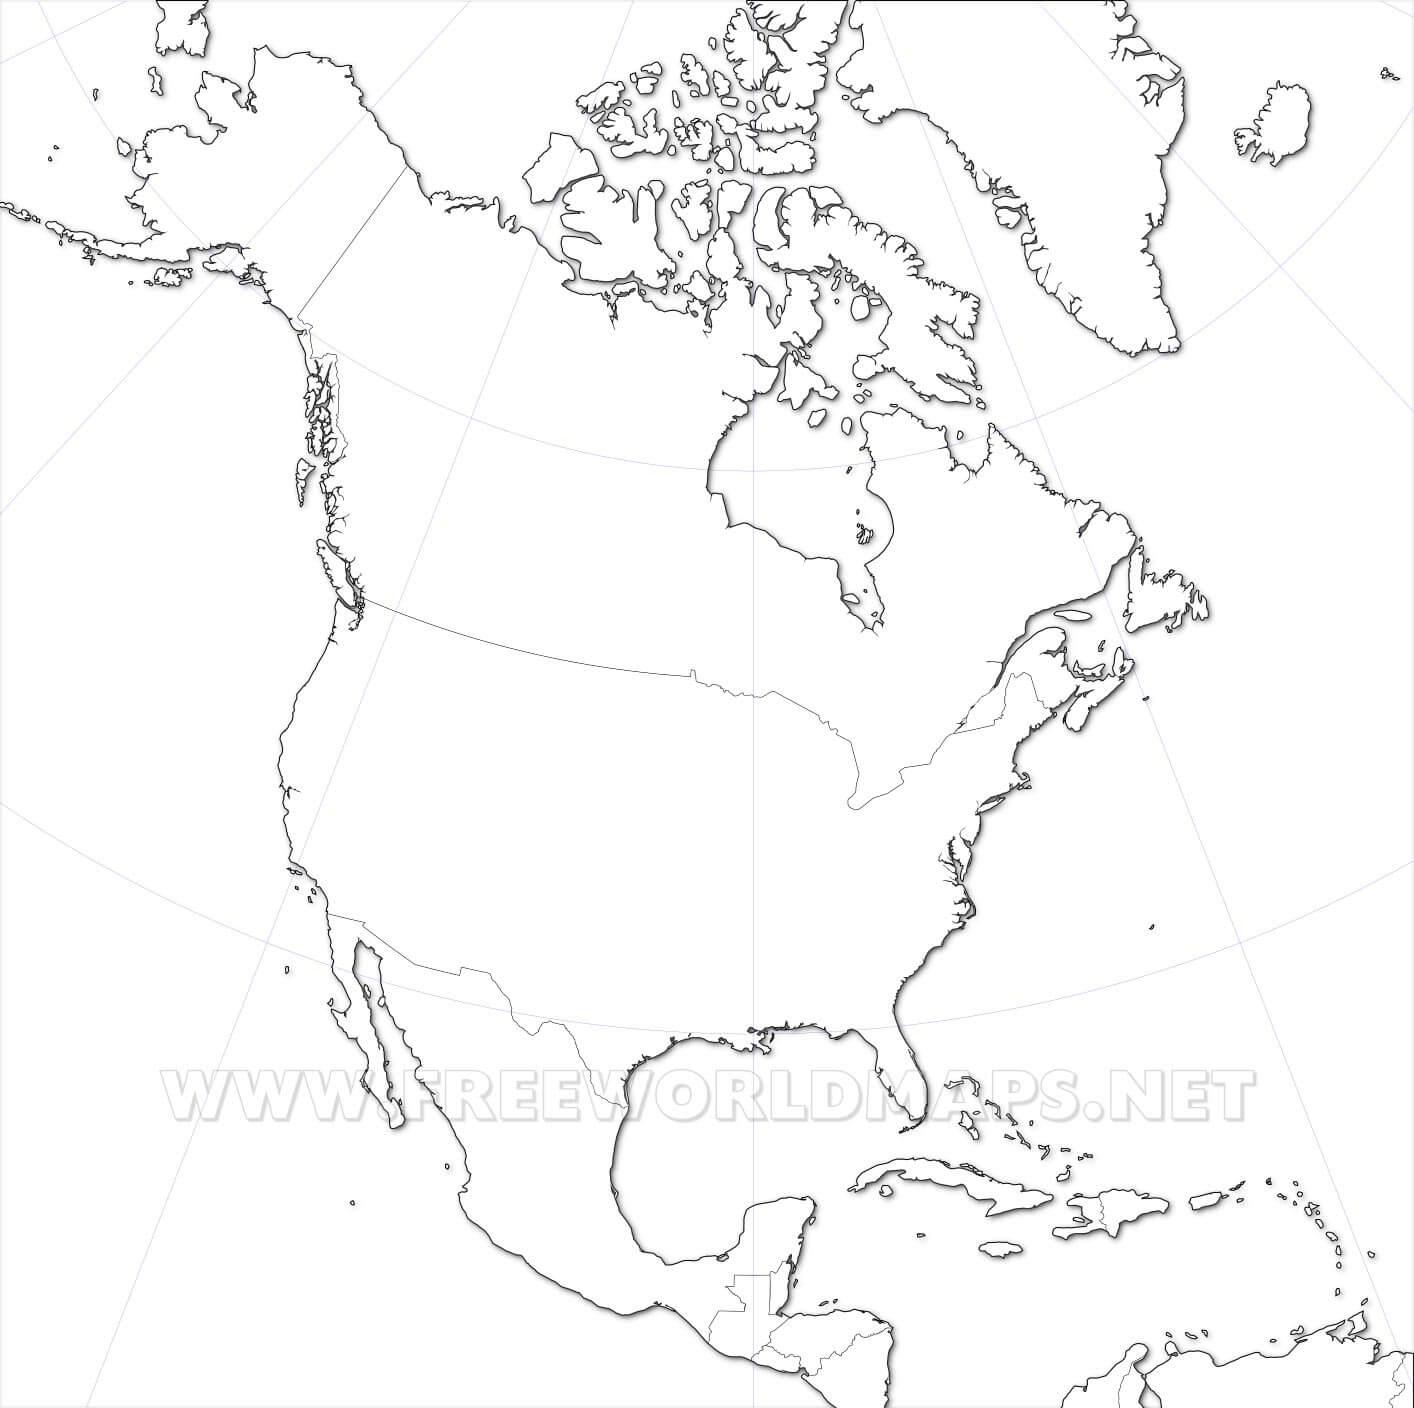 Mapa De América Del Norte Más De 250 Imágenes Para